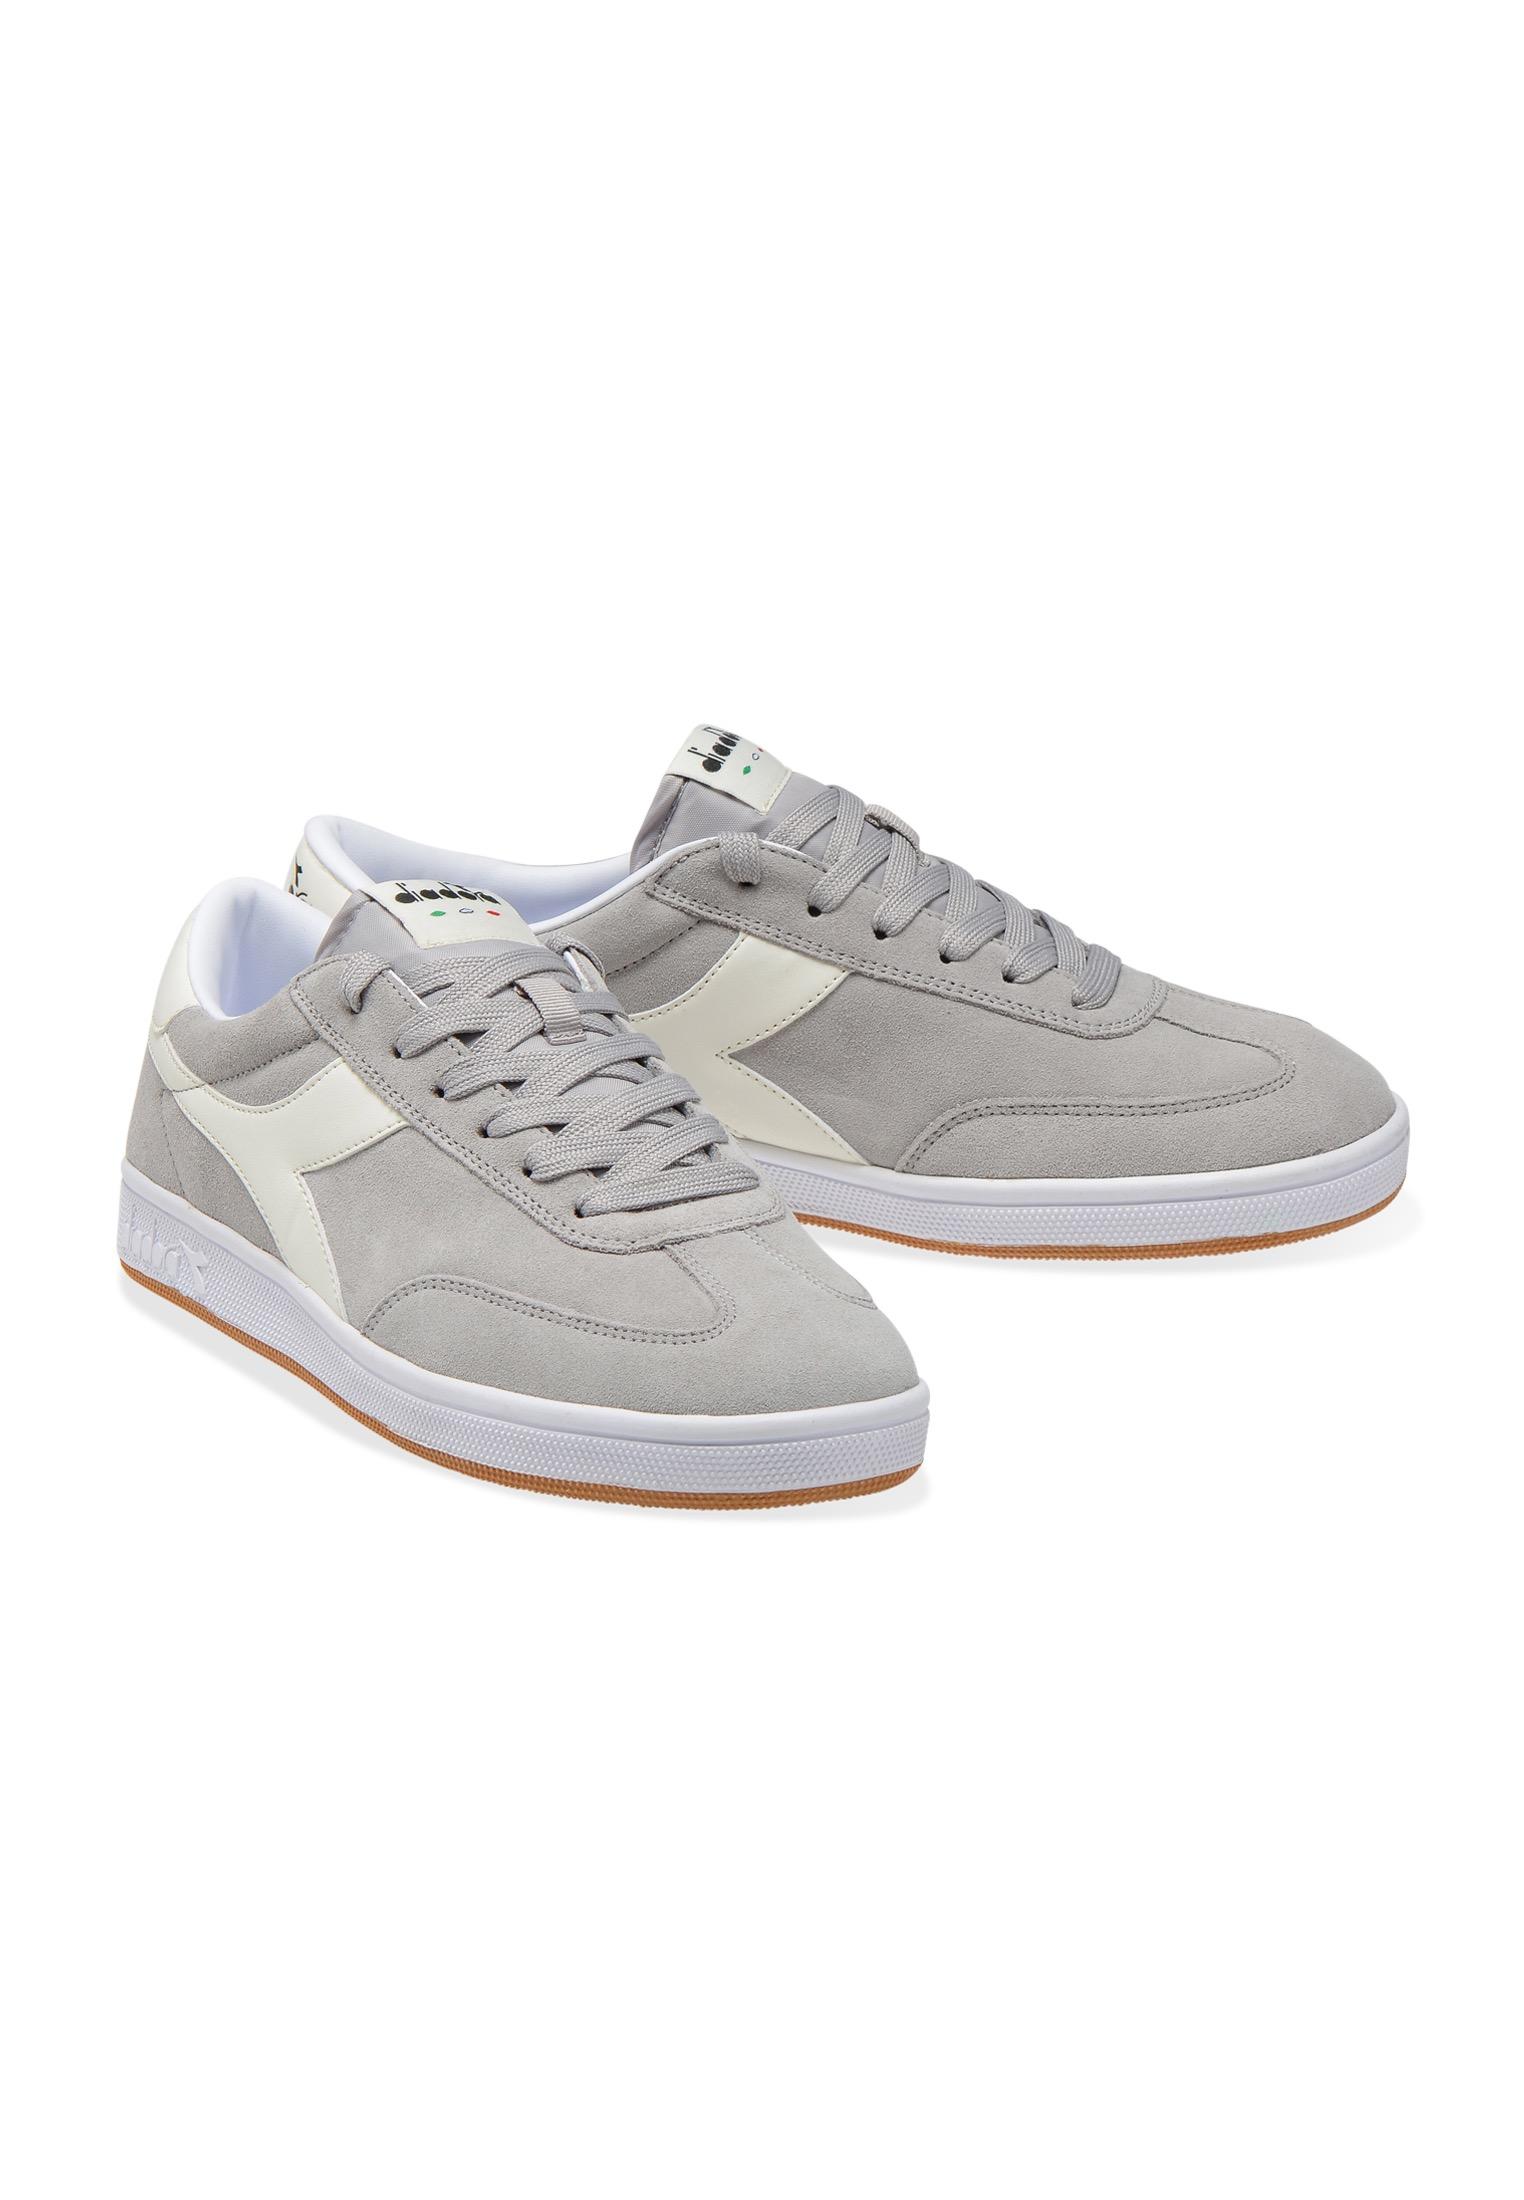 miniatura 17 - Diadora - Sneakers FIELD per uomo e donna